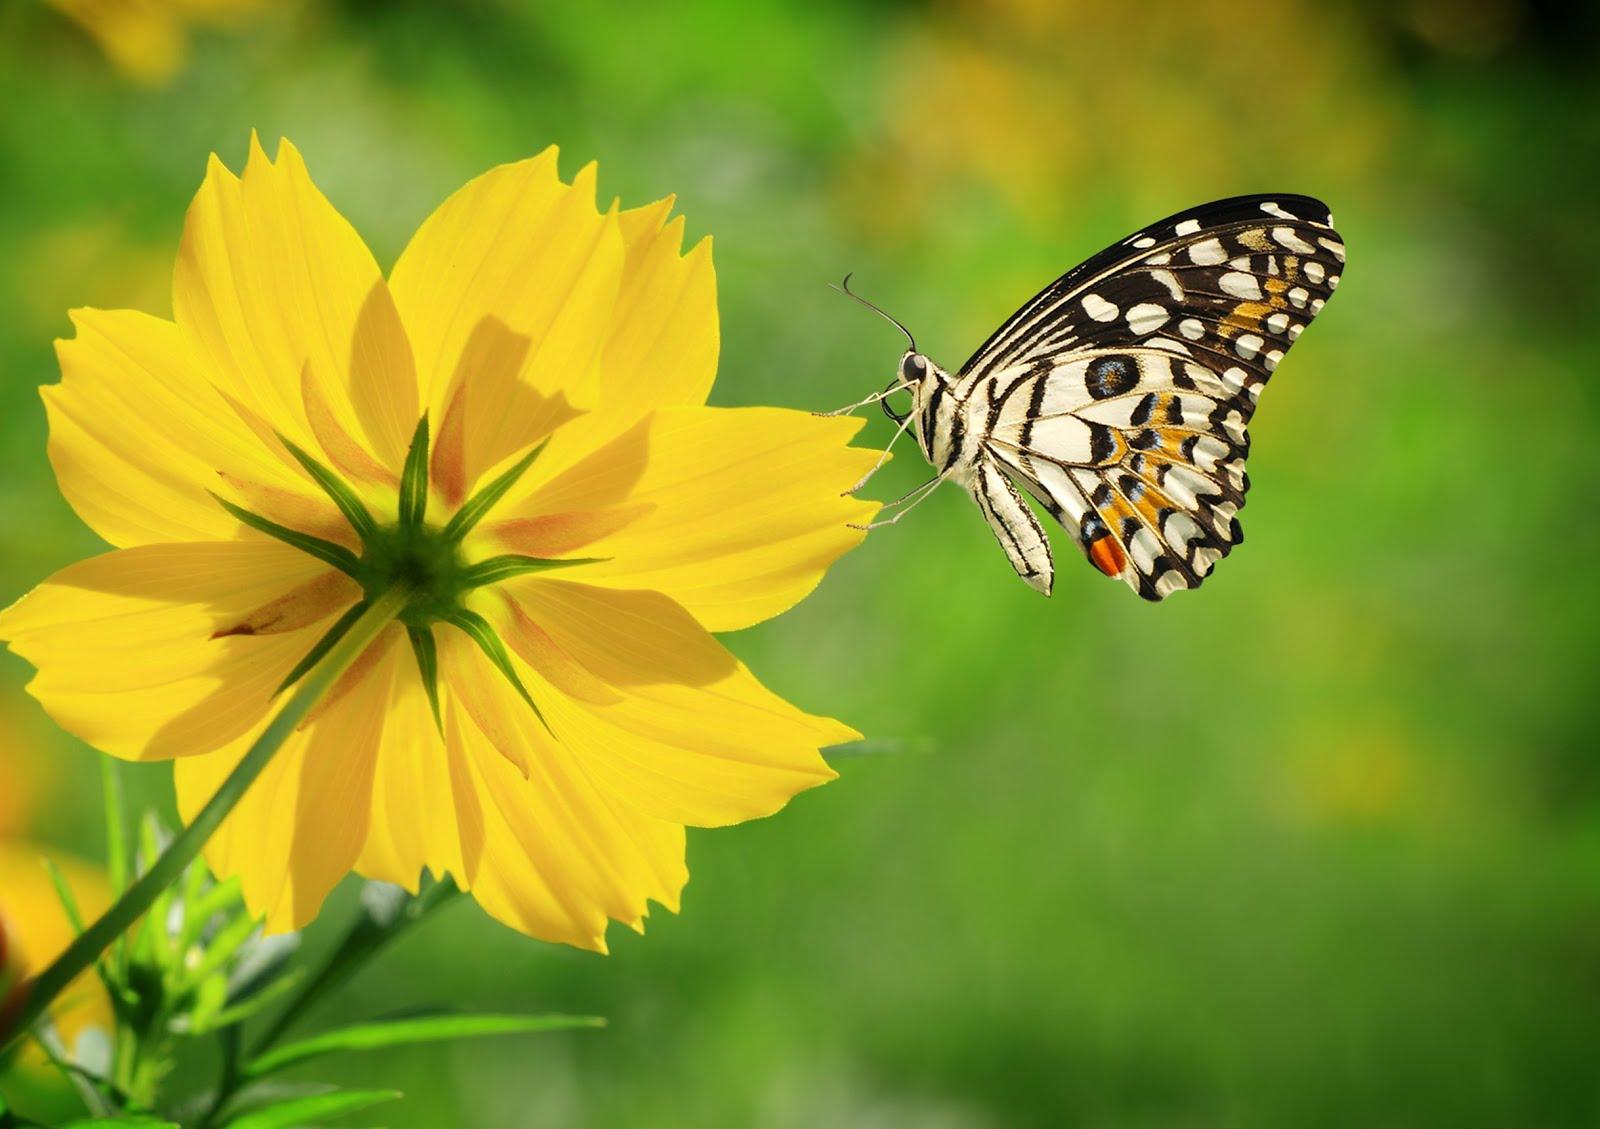 Bienvenidos al nuevo foro de apoyo a Noe #216 / 24.01.15 ~ 26.01.15 - Página 3 Mariposa-sobre-una-linda-flor-silvestre-de-color-amarilla-butterfly